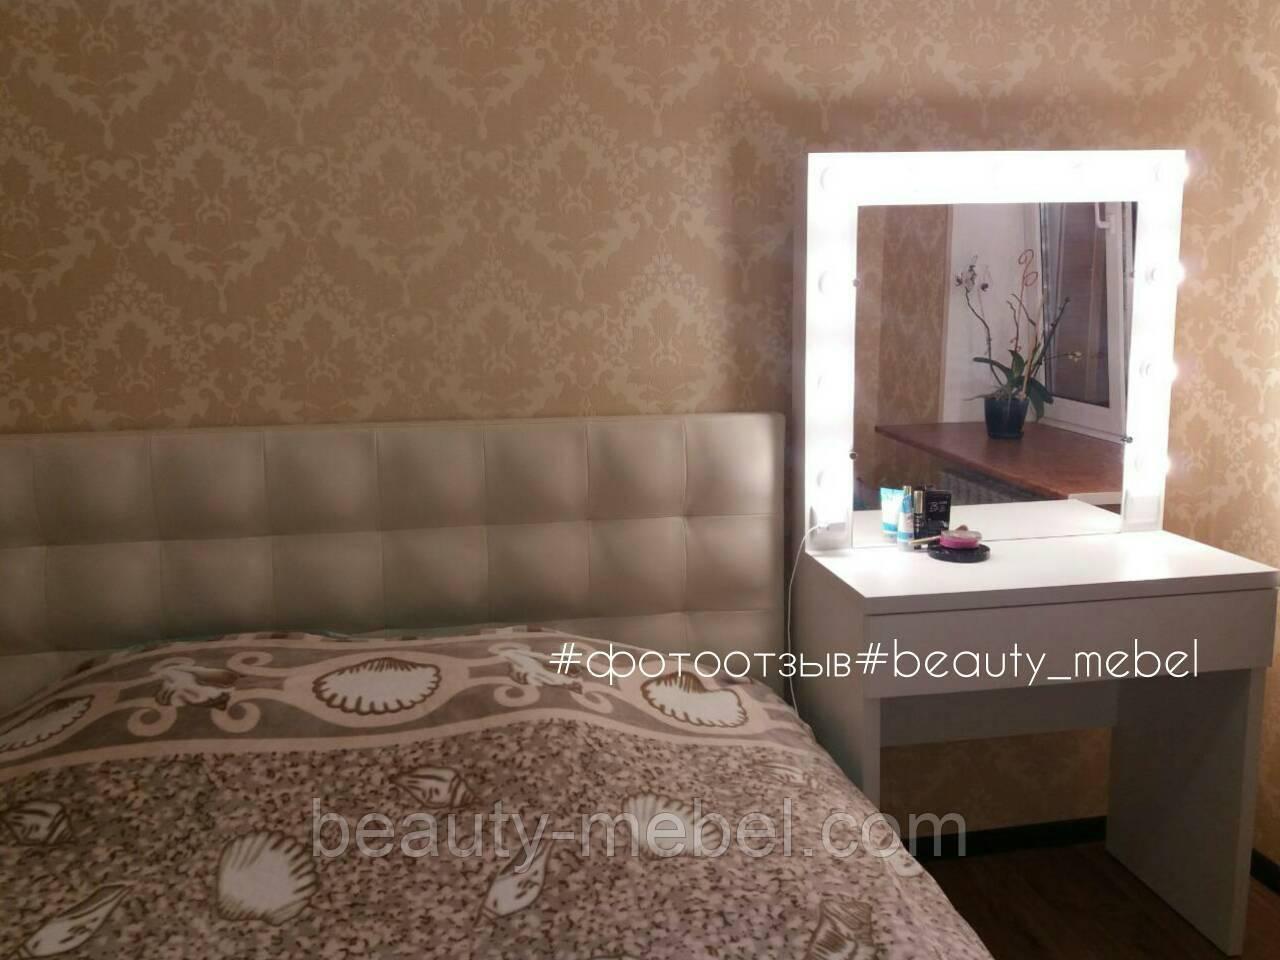 стол для визажиста туалетный столик зеркало с подсветкой цена 4